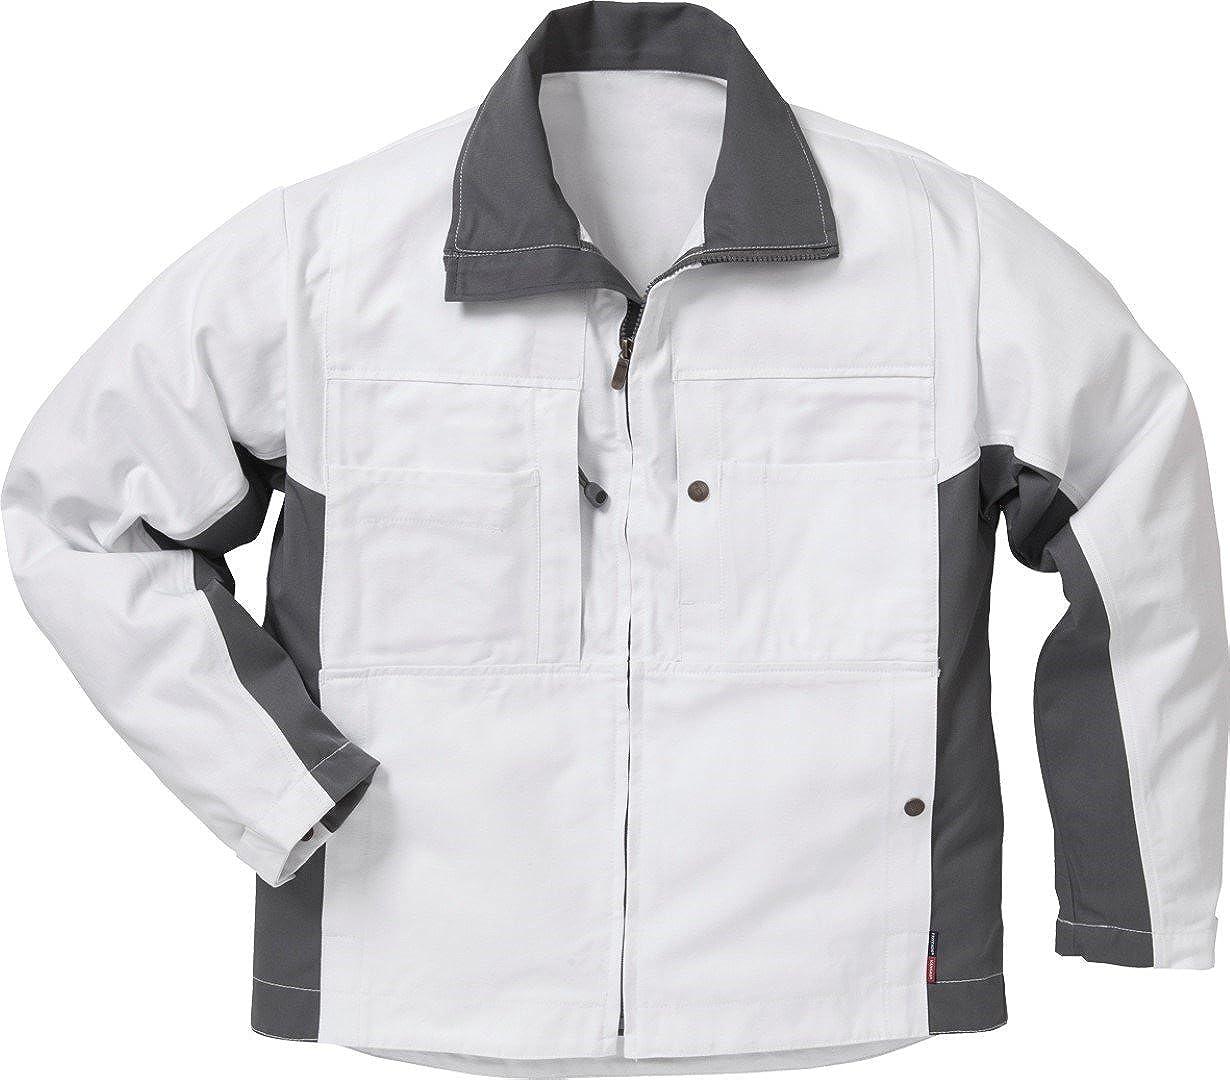 Fristads Kansas Workwear 100123 Craftsmans Work Jacket